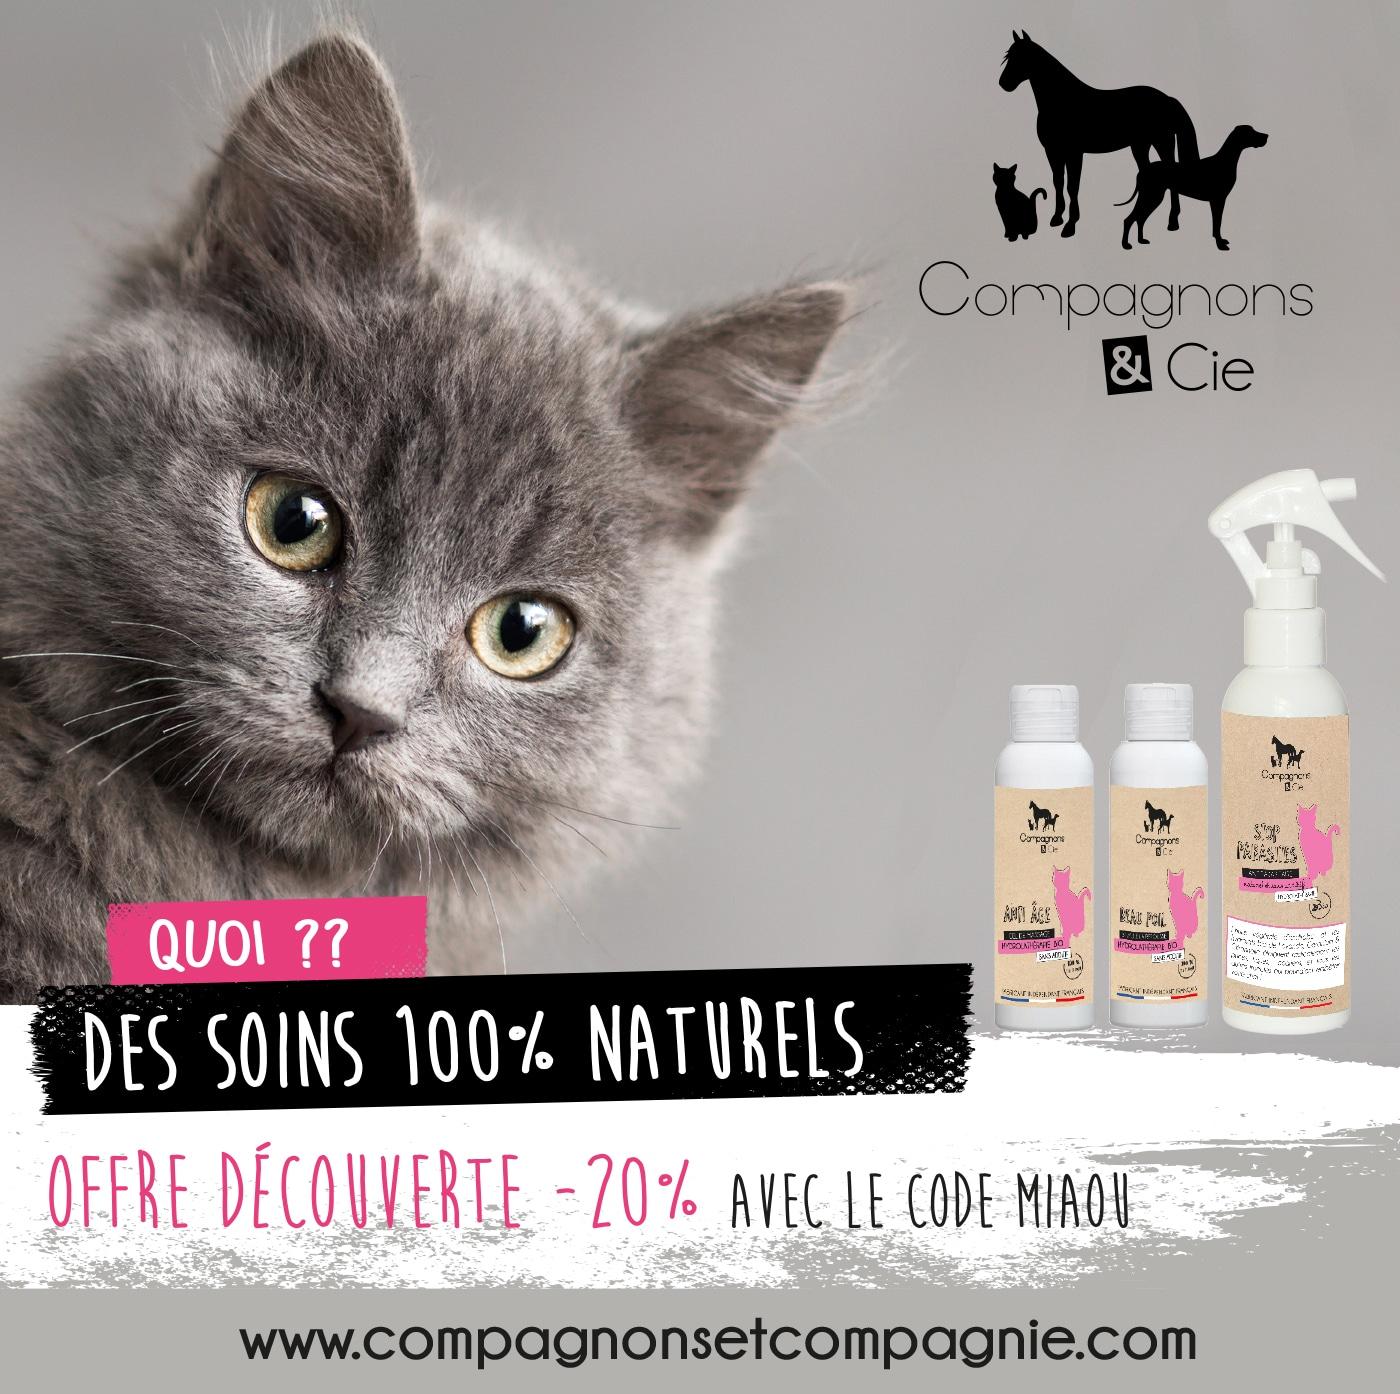 Compagnonsetcompagnie.com site de vente en ligne de soins bio et naturels pour chats fabricant hyrolathérapie pour chat french tech made in france antiparasitaire chat naturel bio